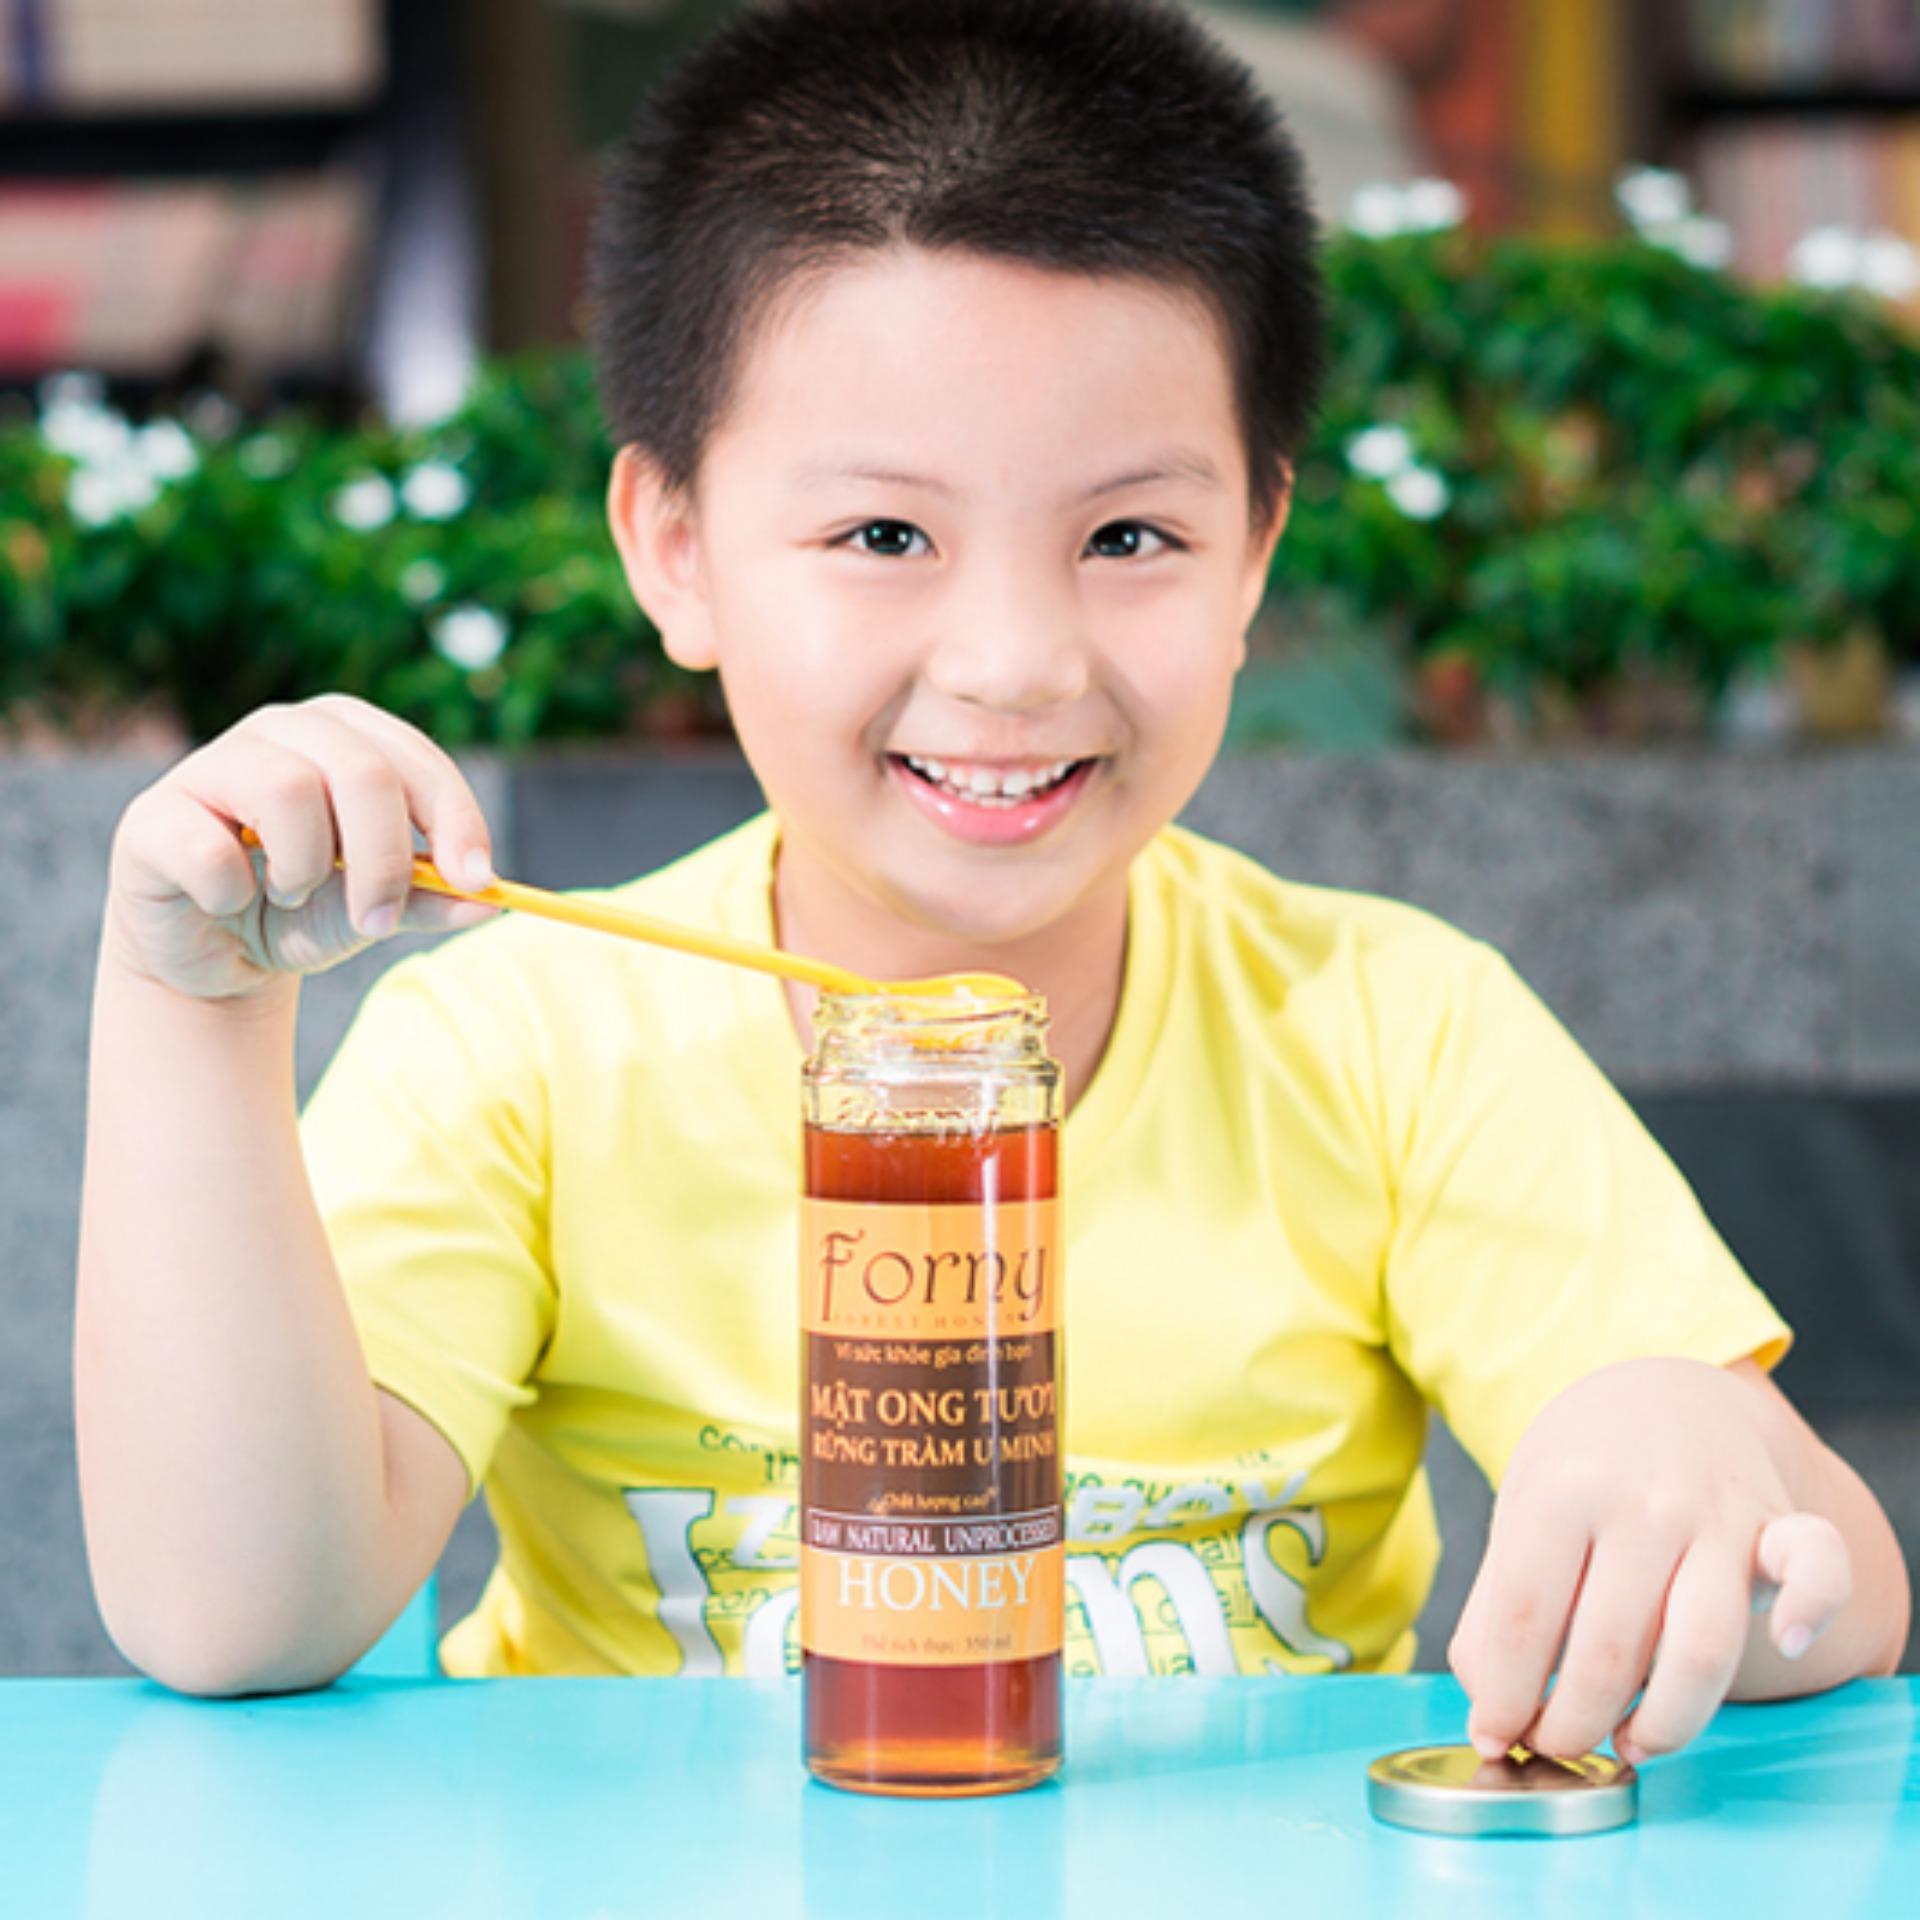 Mật ong rừng tràm U Minh Forny 350ml